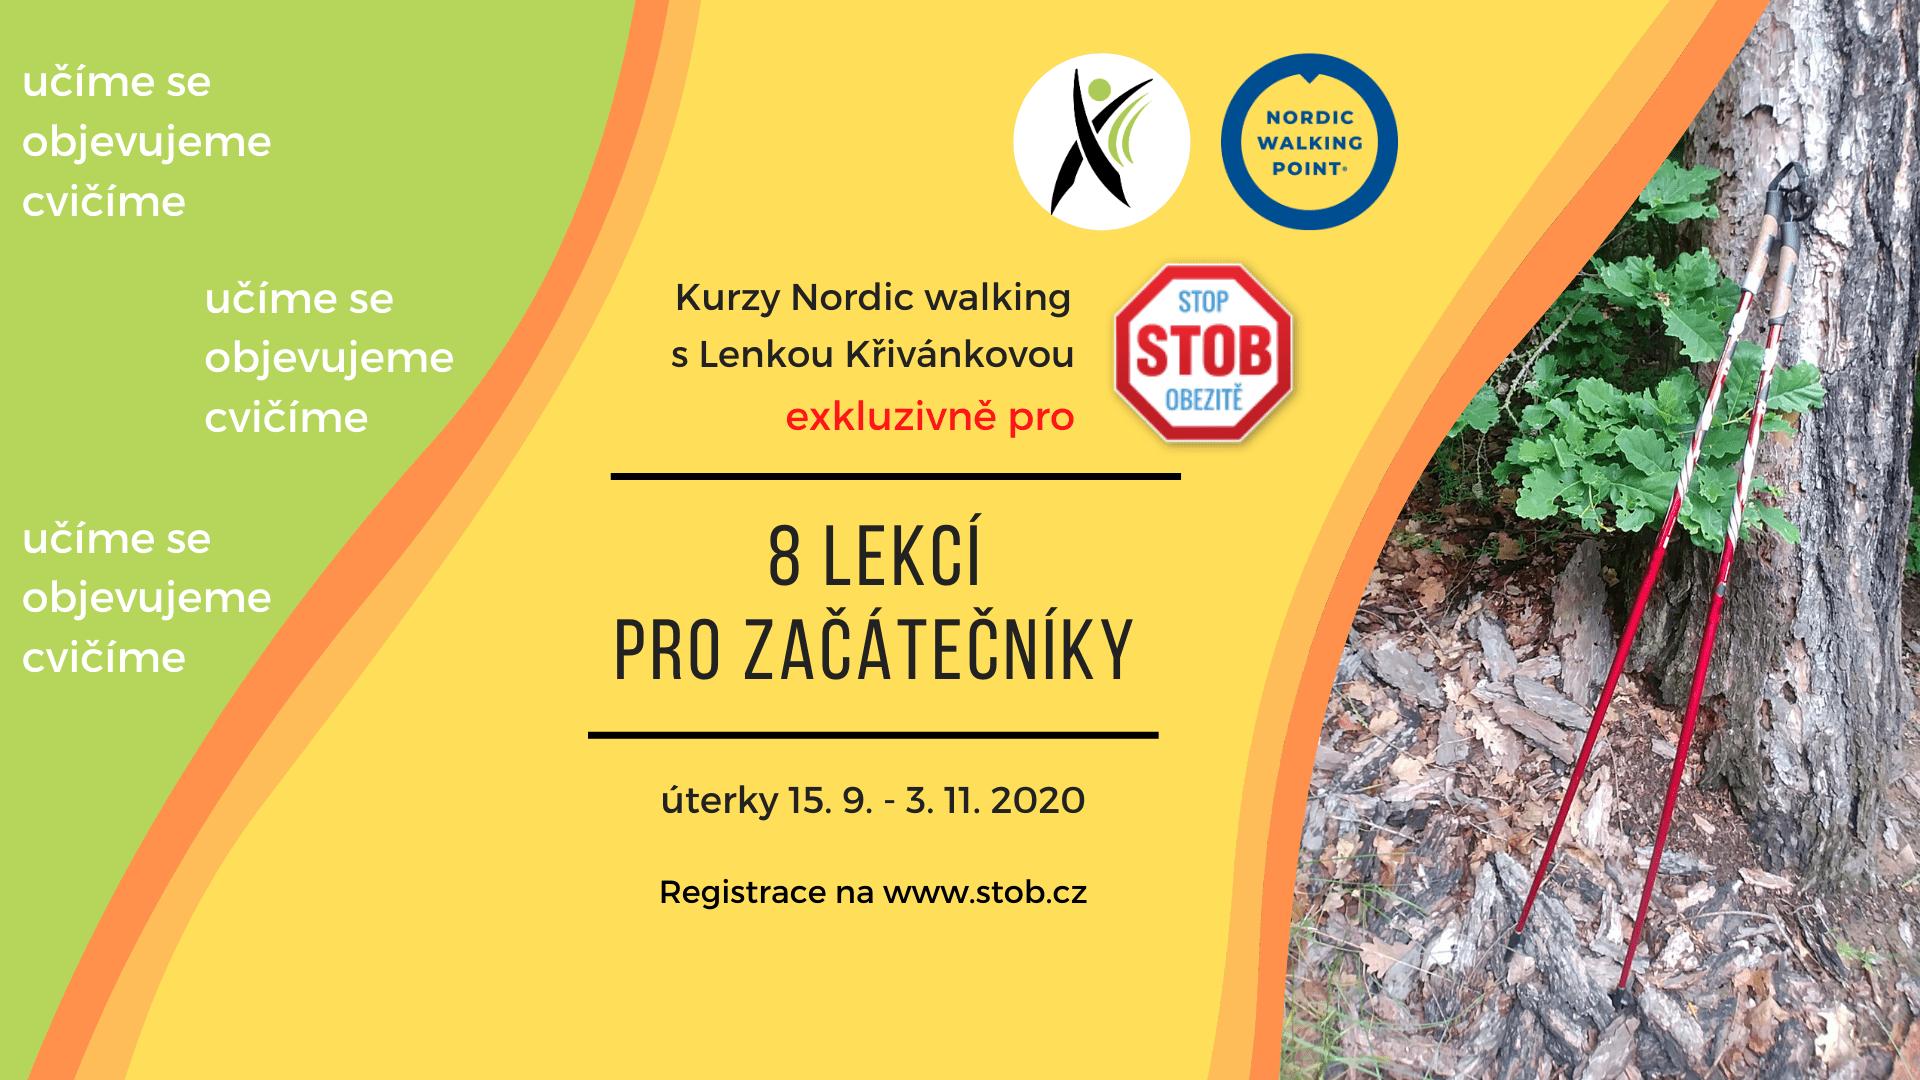 Podzimní kurz nordic walking pro úplné nováčky, exkluzivně pro STOB - Stop obezitě! Objevte pohyb, u kterého (konečně) vydržíte :) Pojďte se zdravě hýbat se zkušenou instruktorkou Lenkou Křivánkovou v královské Oboře Hvězda v Praze 6-Liboci!